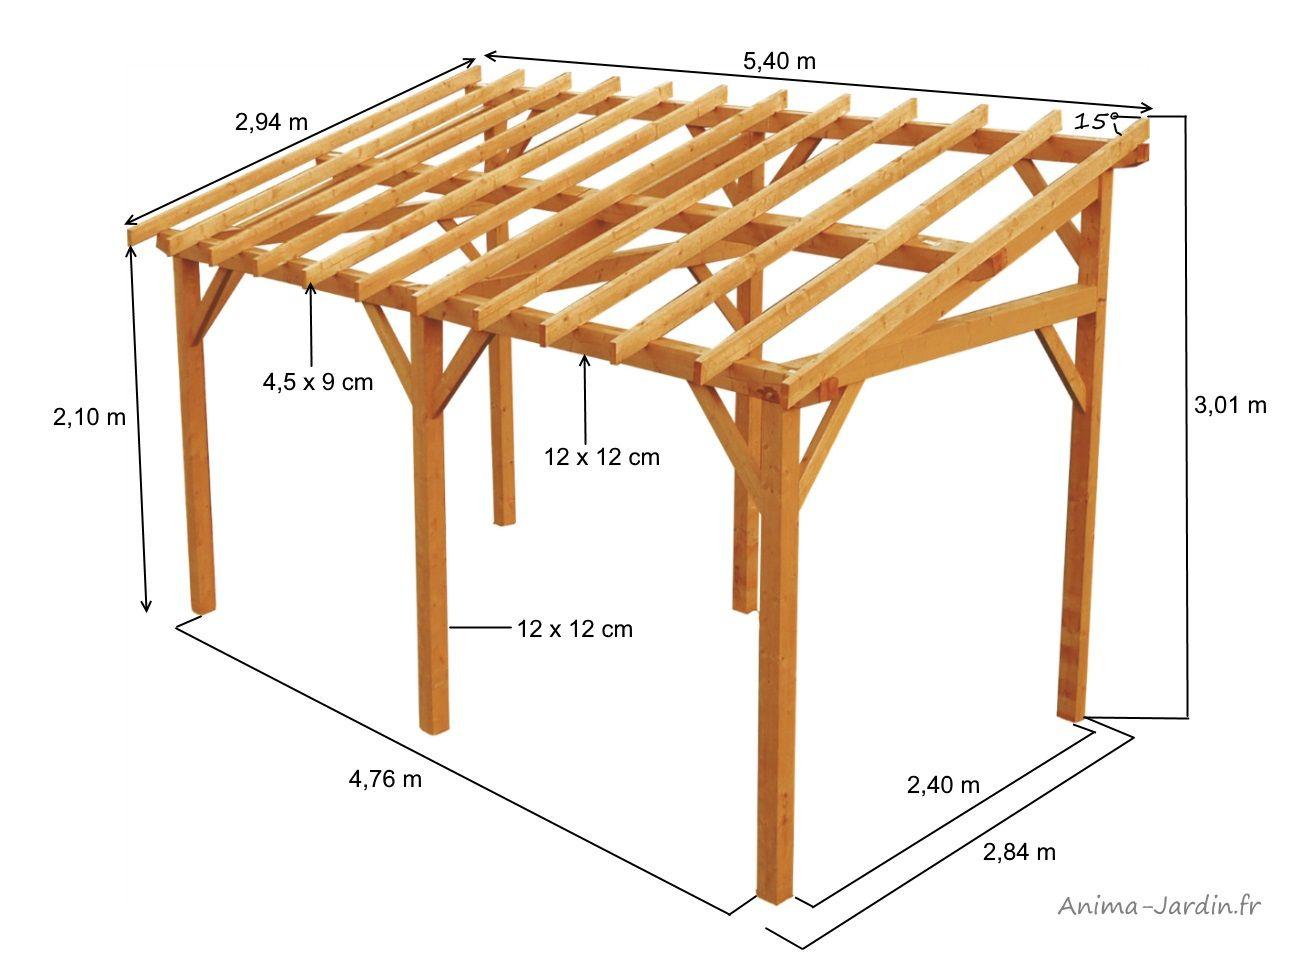 Ossature En Bois De 15M², Vanoise, Burger, Structure Carport ... concernant Carport Pas Cher